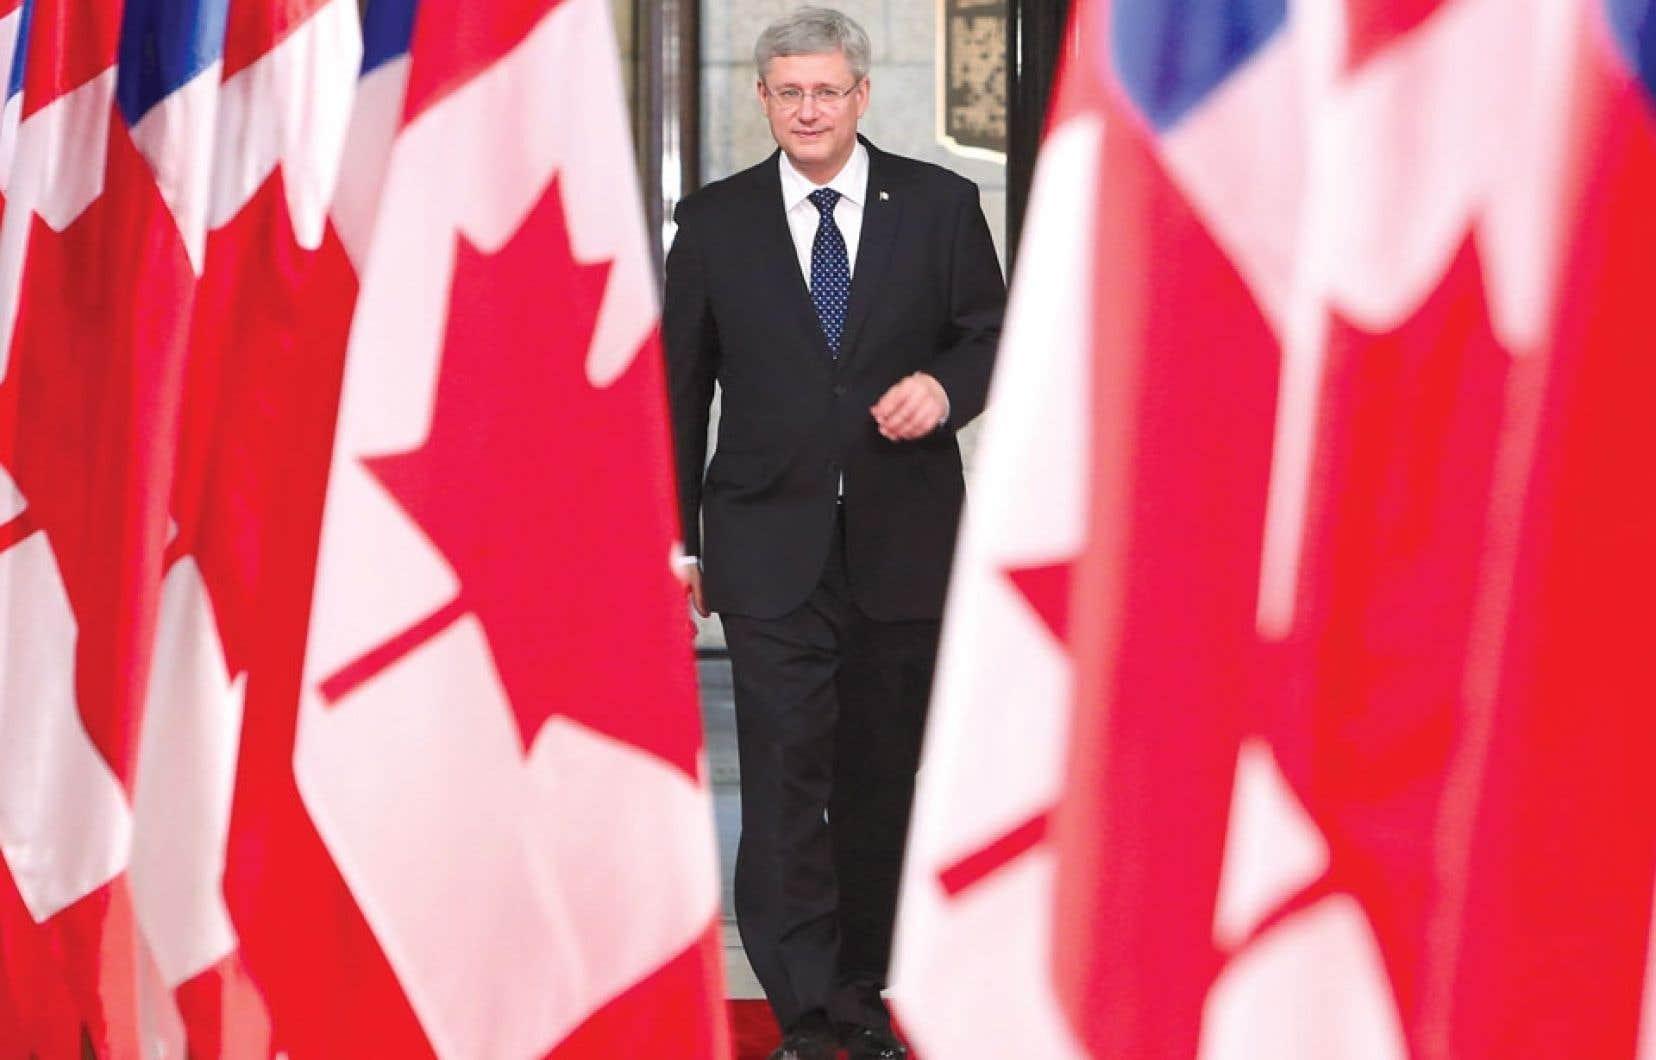 En point de presse à la suite d'une visite du président chilien, le premier ministre Stephen Harper a de nouveau éludé les questions au sujet du sénateur Mike Duffy.